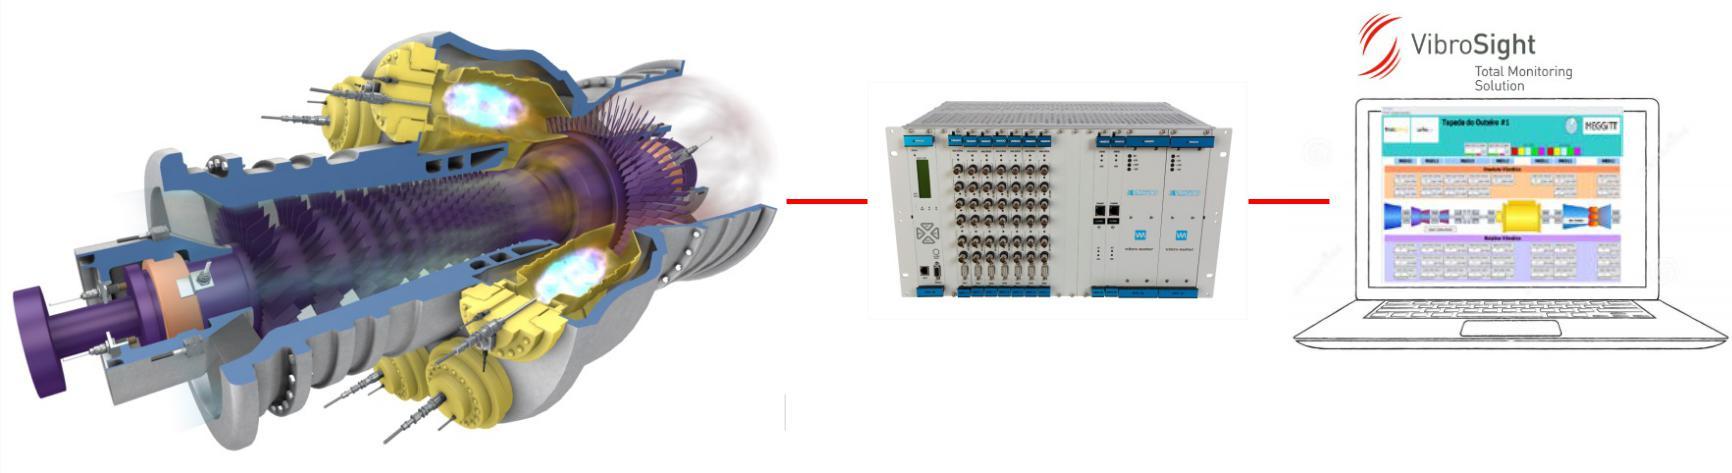 actualização um sistema de proteção de vibrações